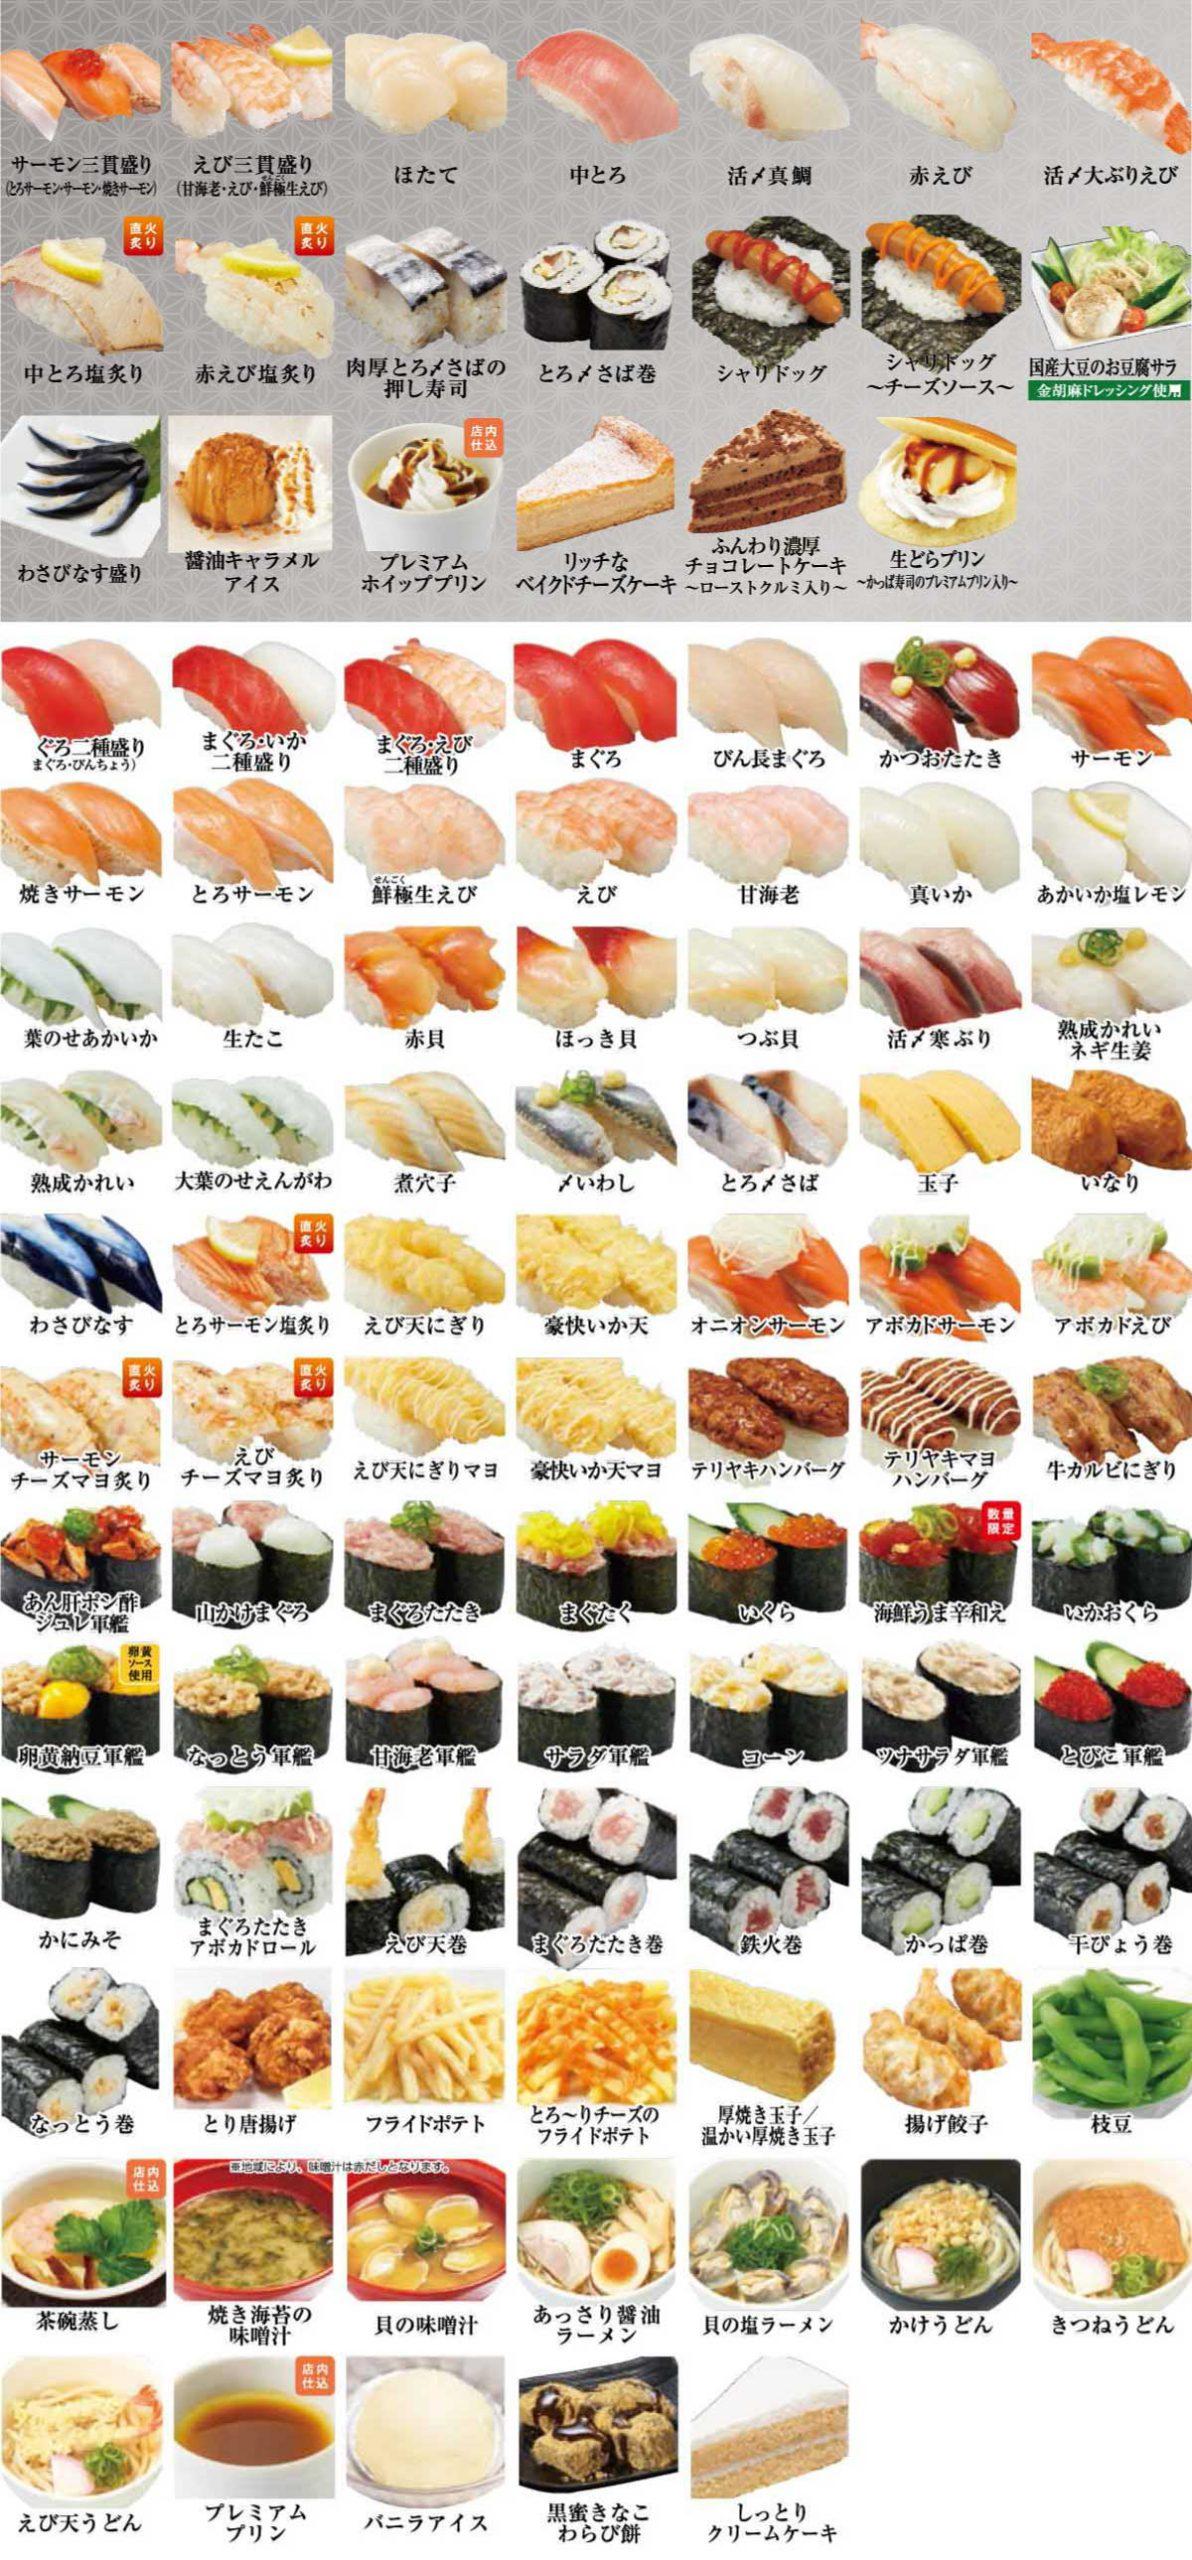 かっぱ寿司食べホースペシャルメニュー